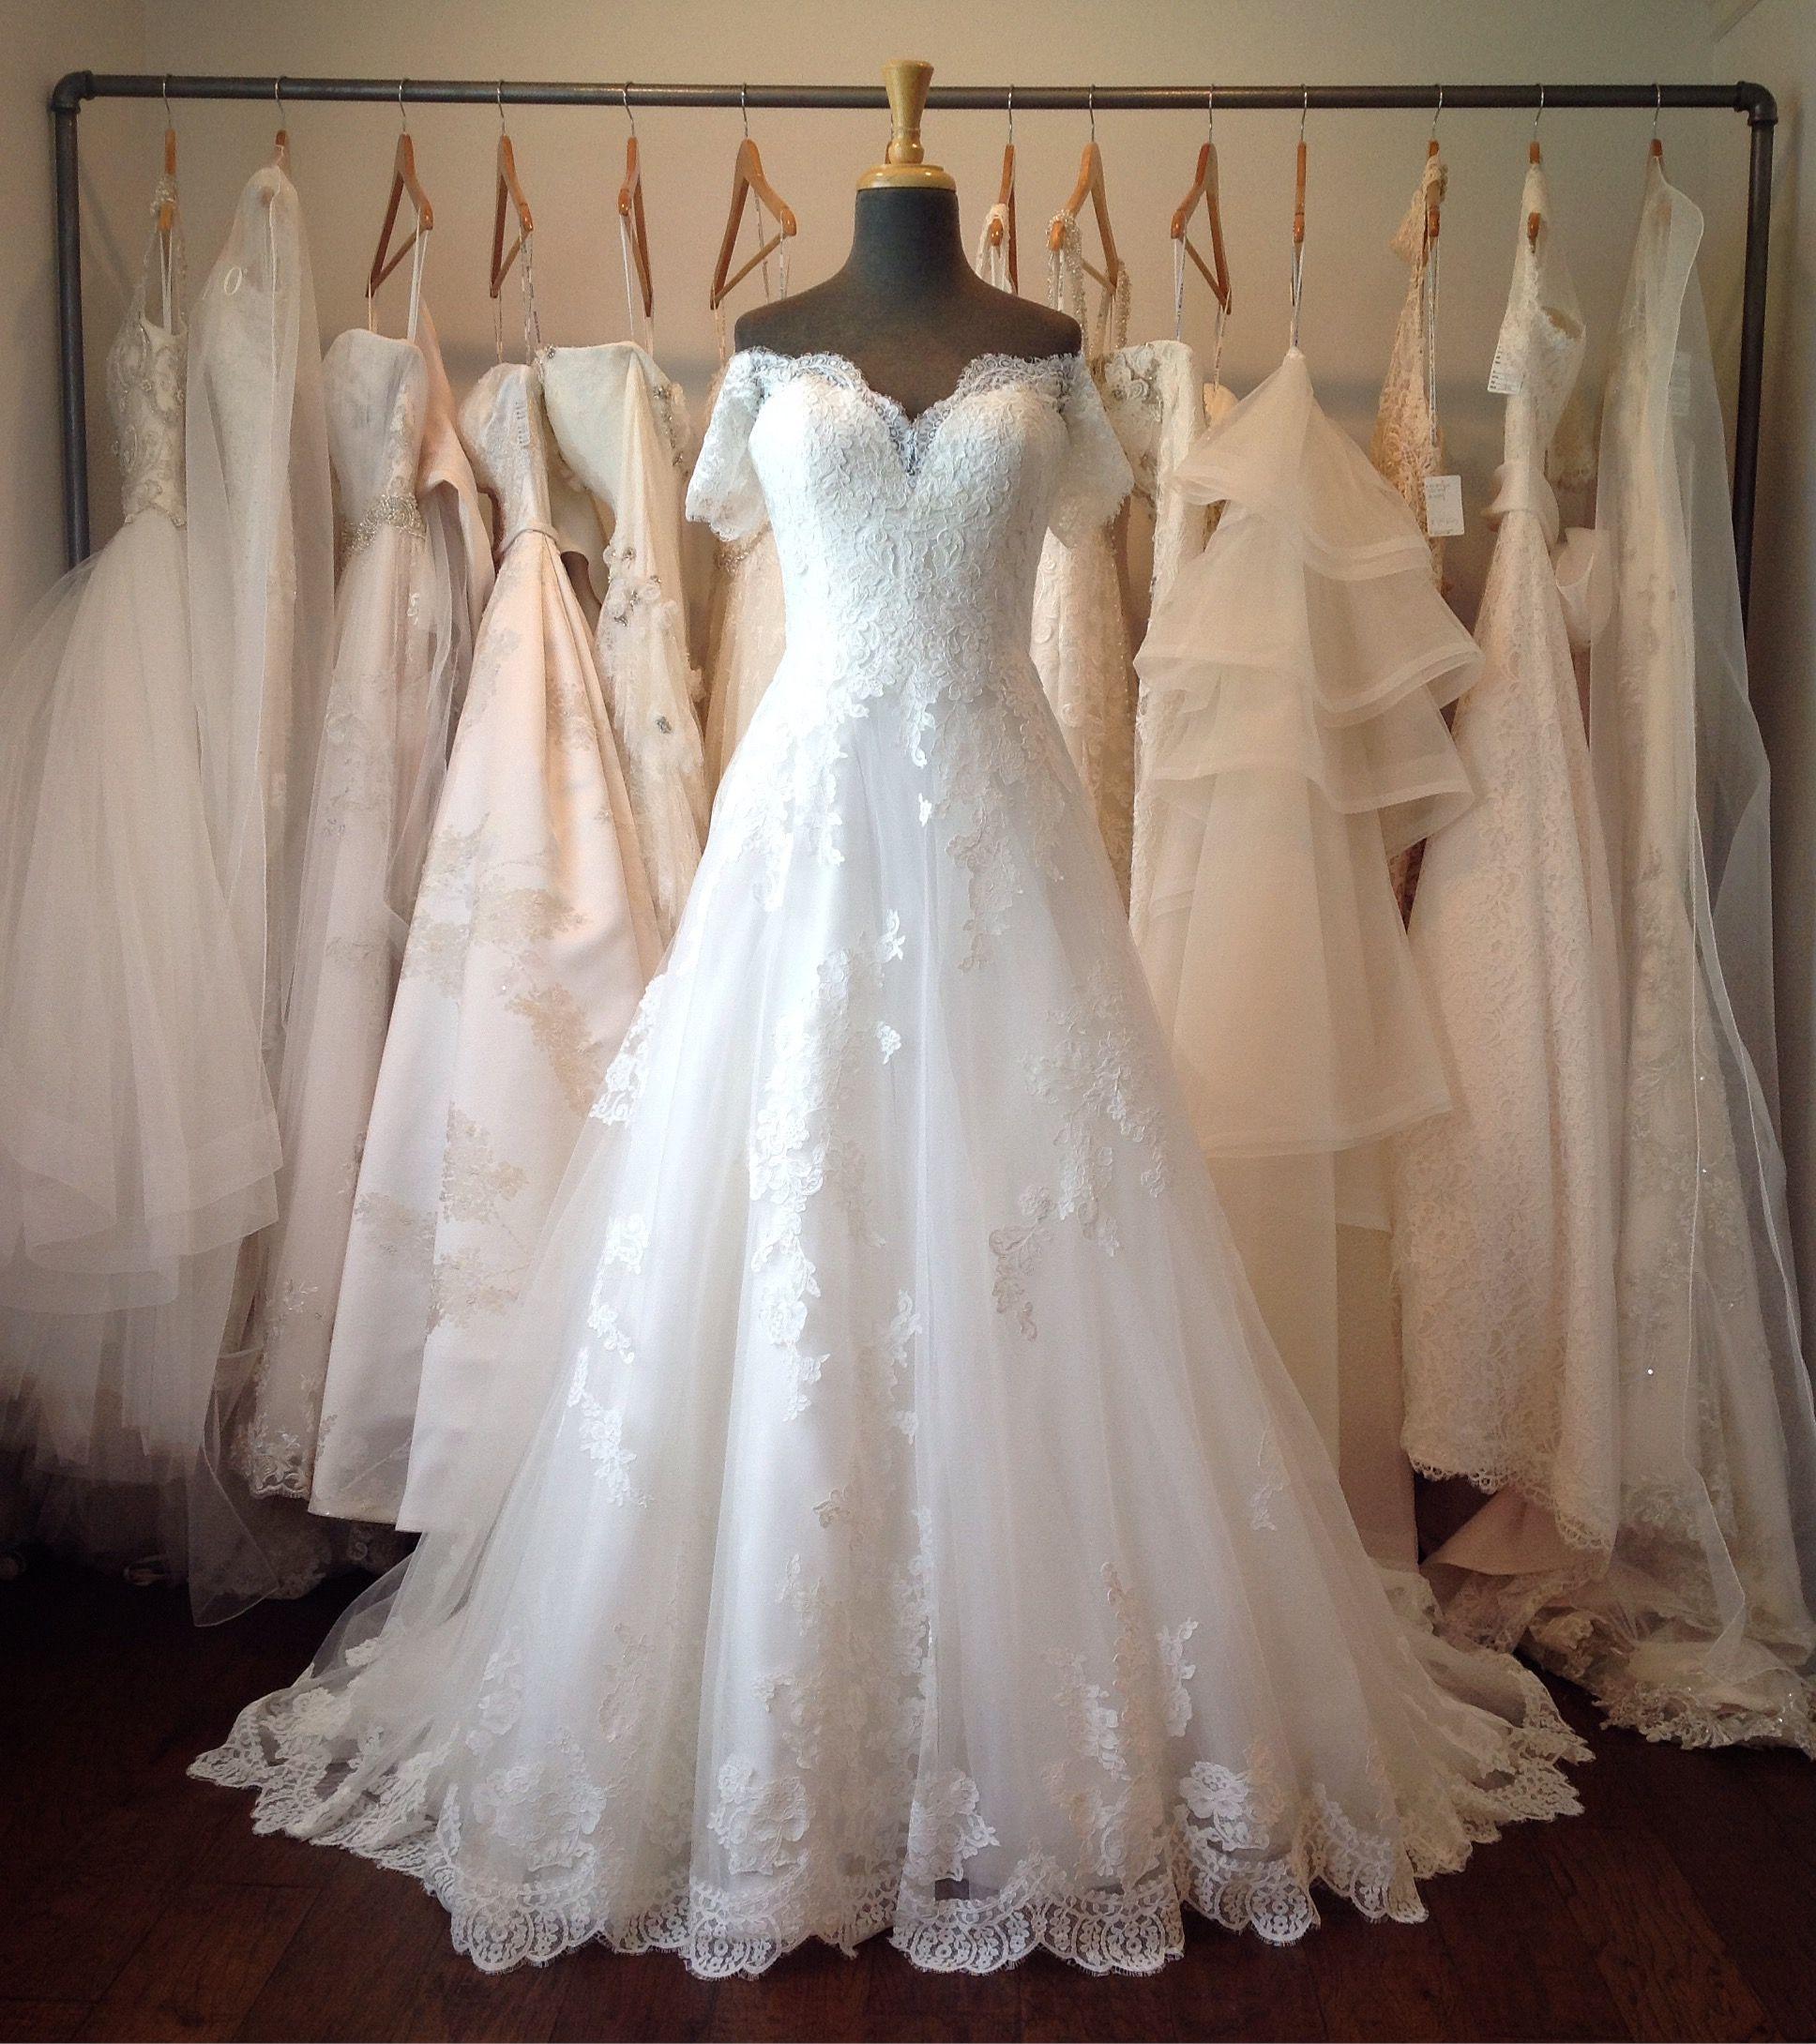 Fabiana From White One By Pronovias Wedding GownsWeddings